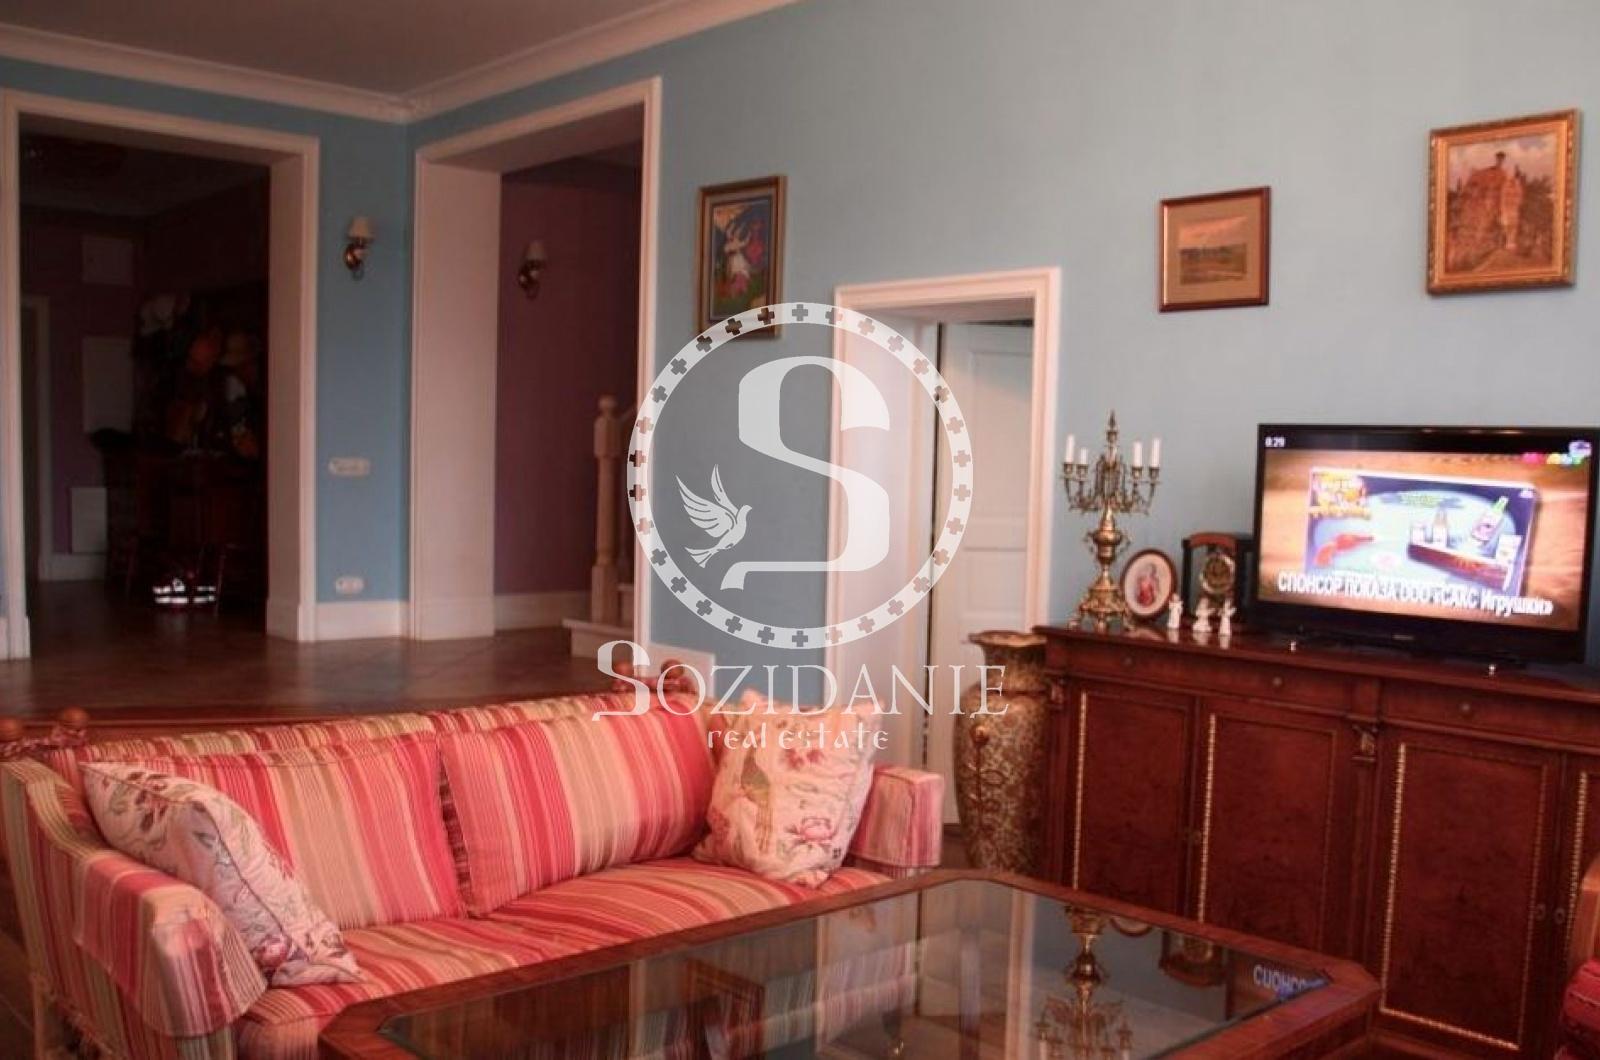 4 Bedrooms, Загородная, Продажа, Listing ID 3511, Московская область, Россия,